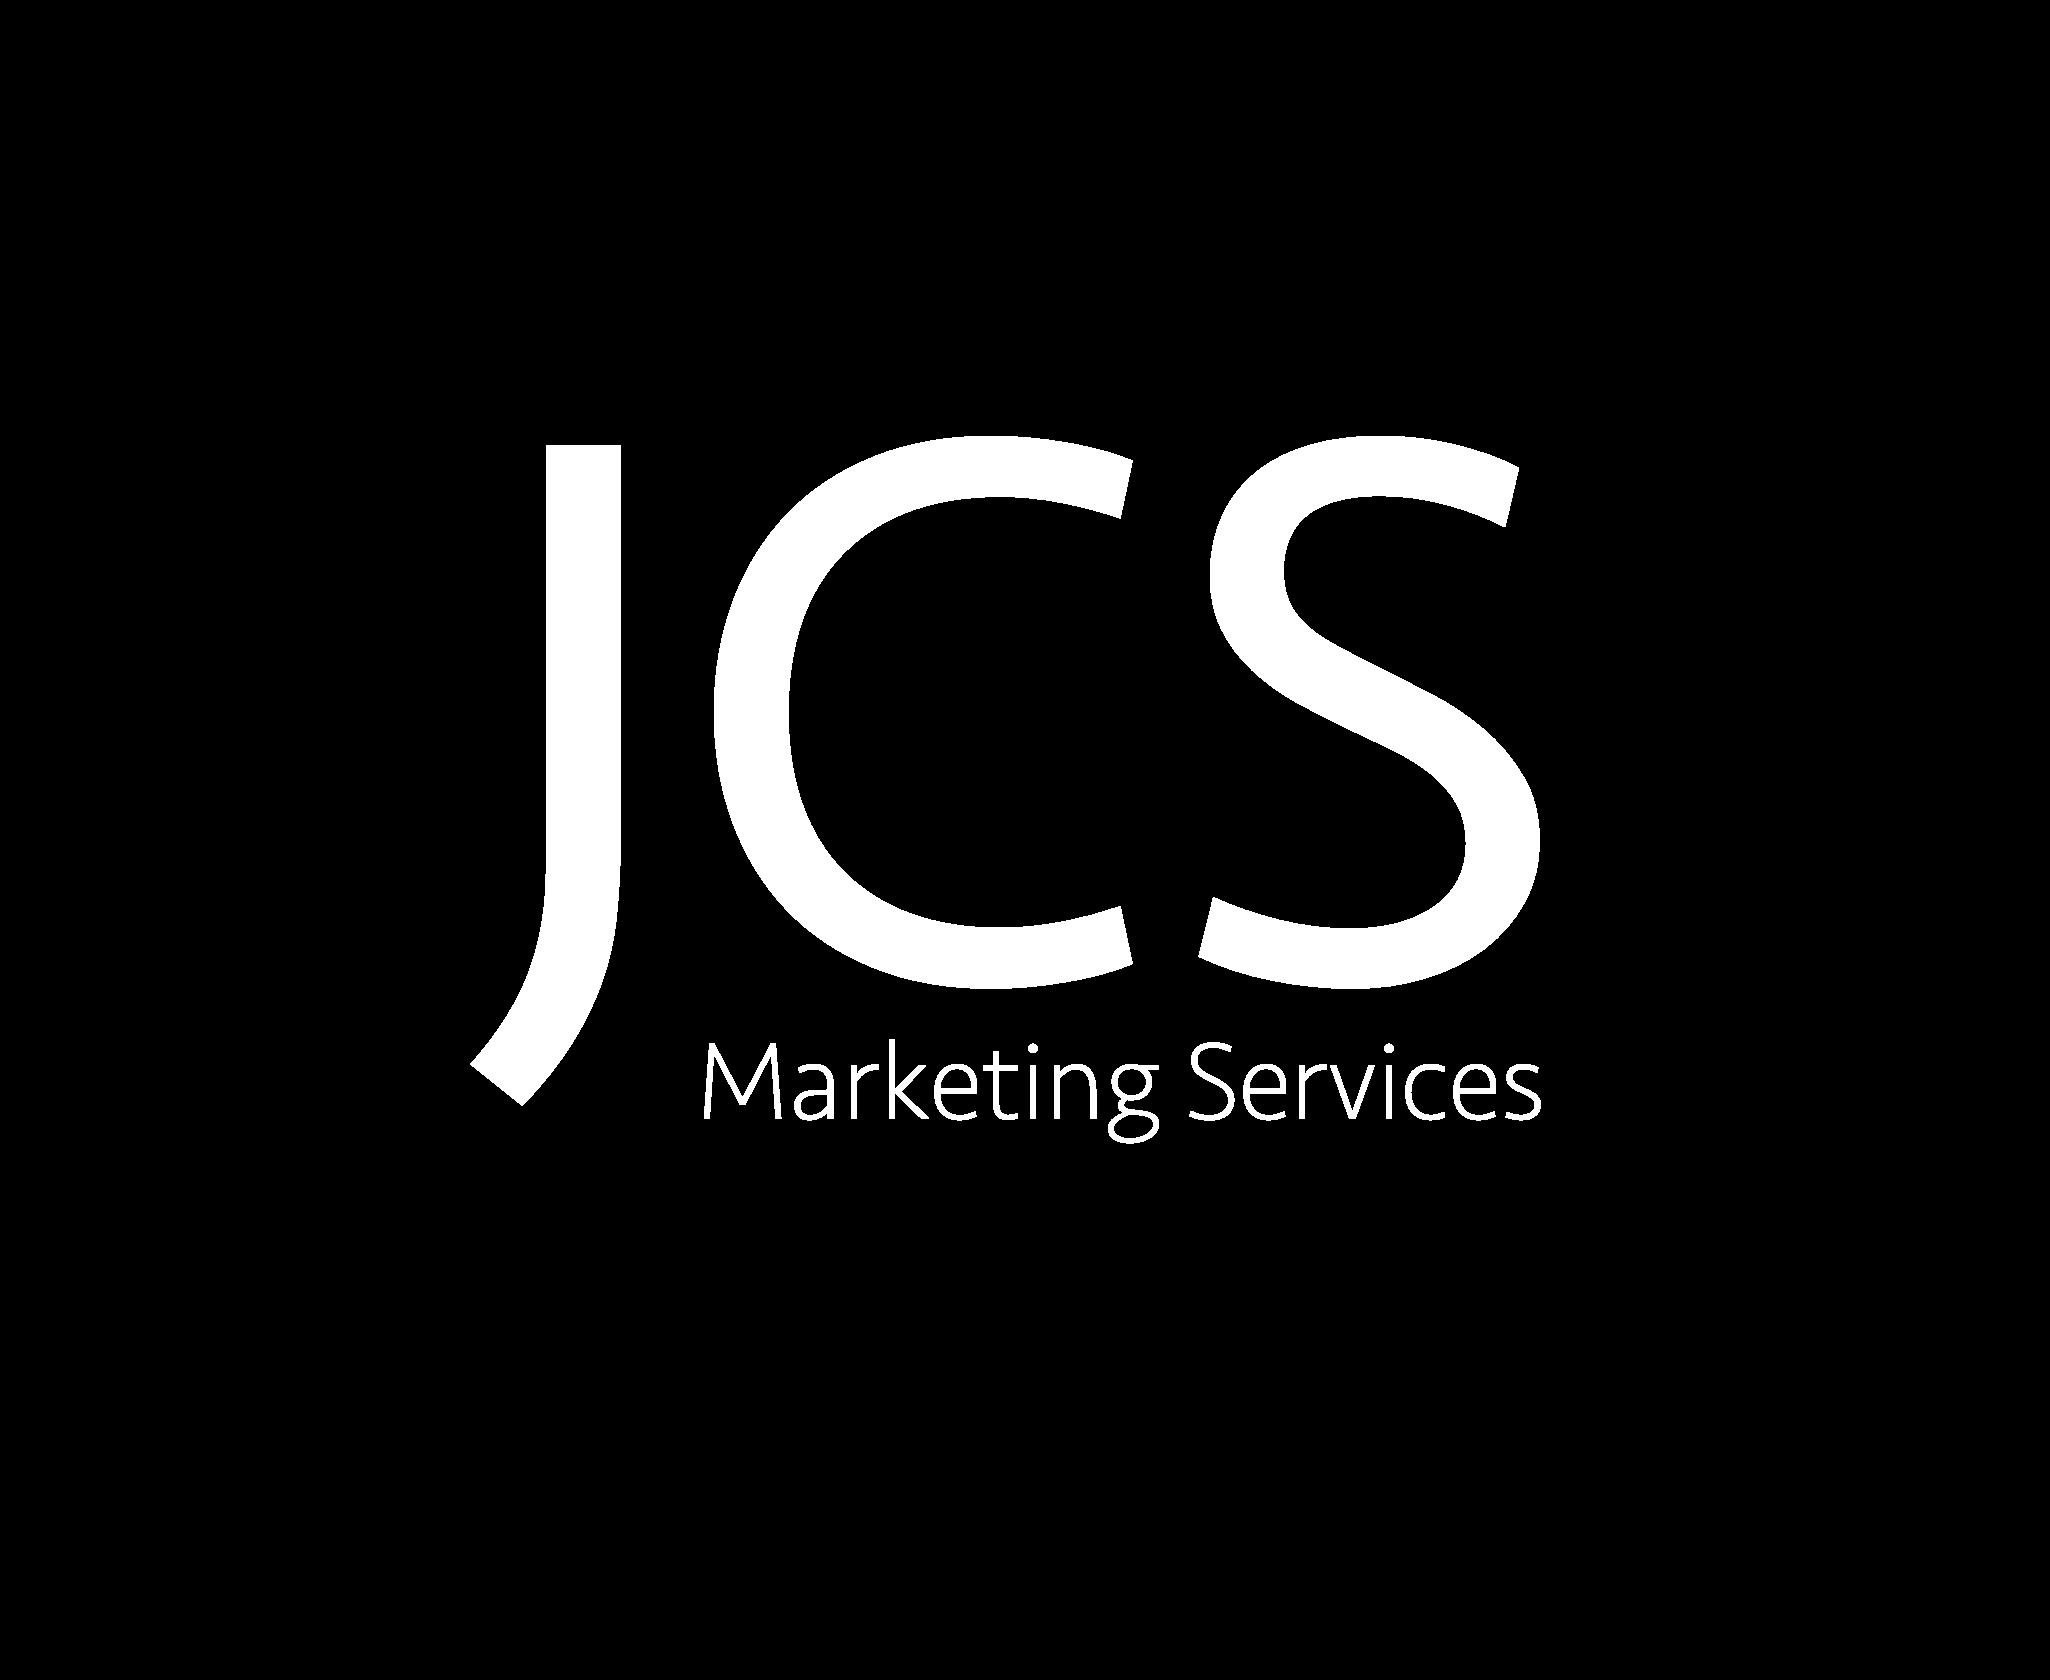 JCS Marketing